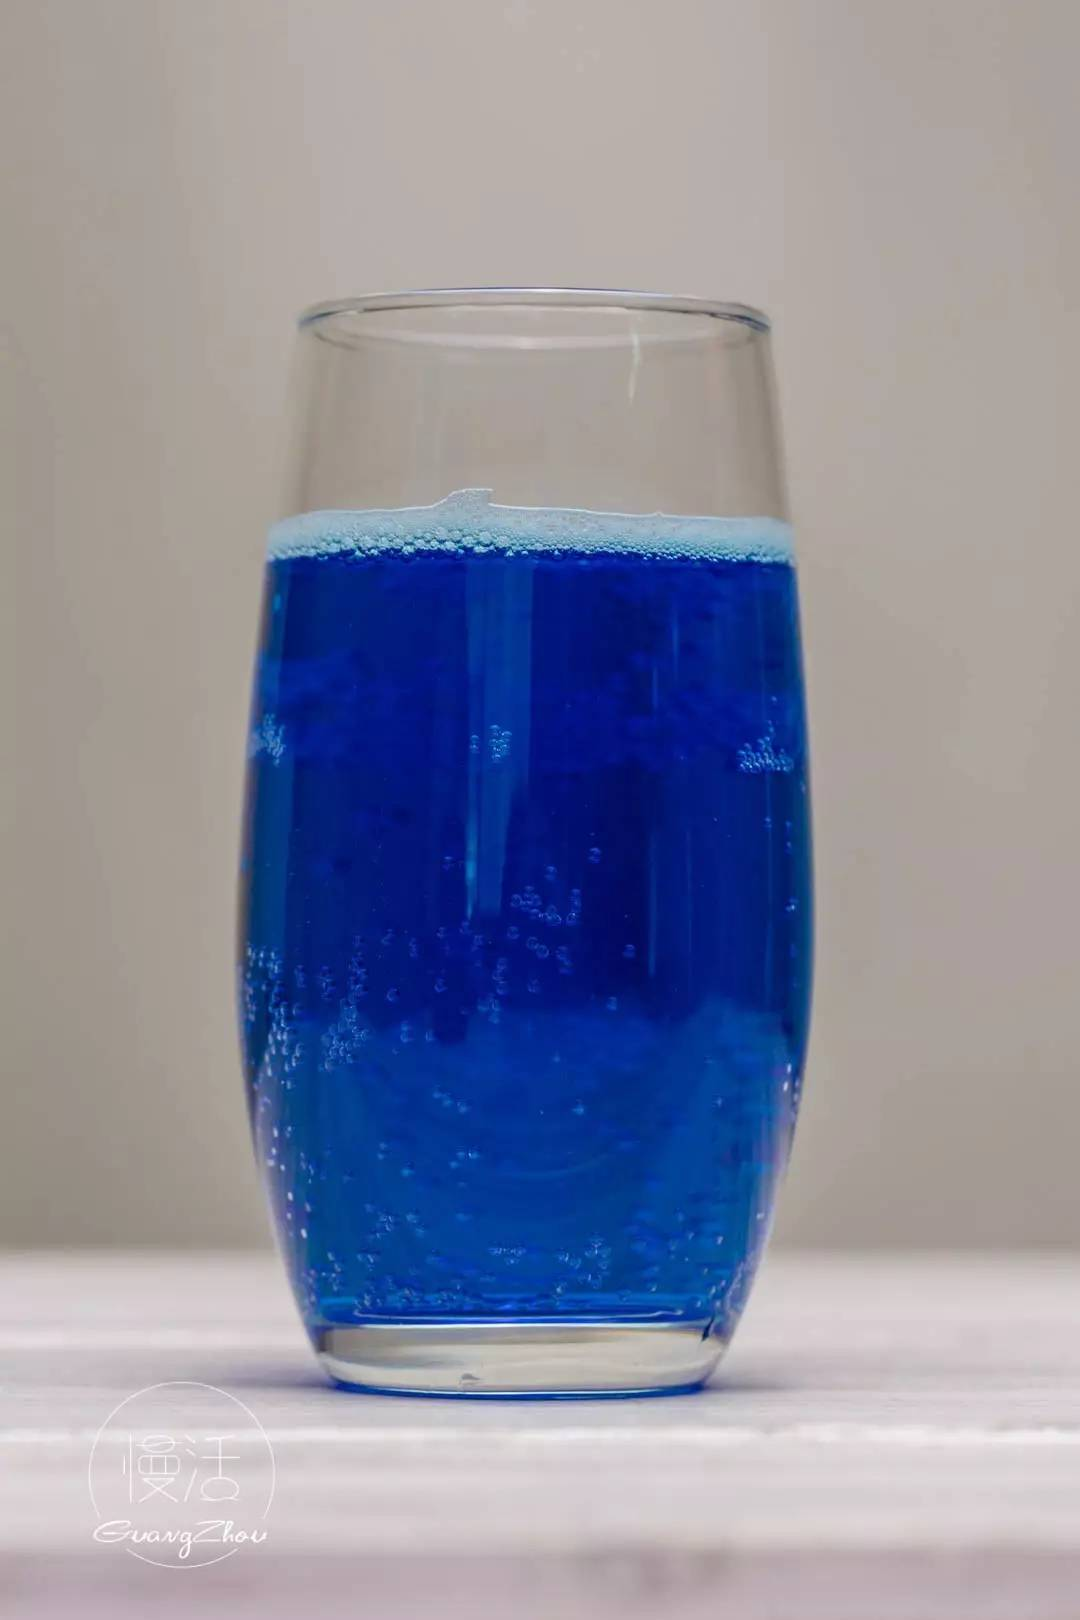 可乐变清水的原理_百事可乐图片